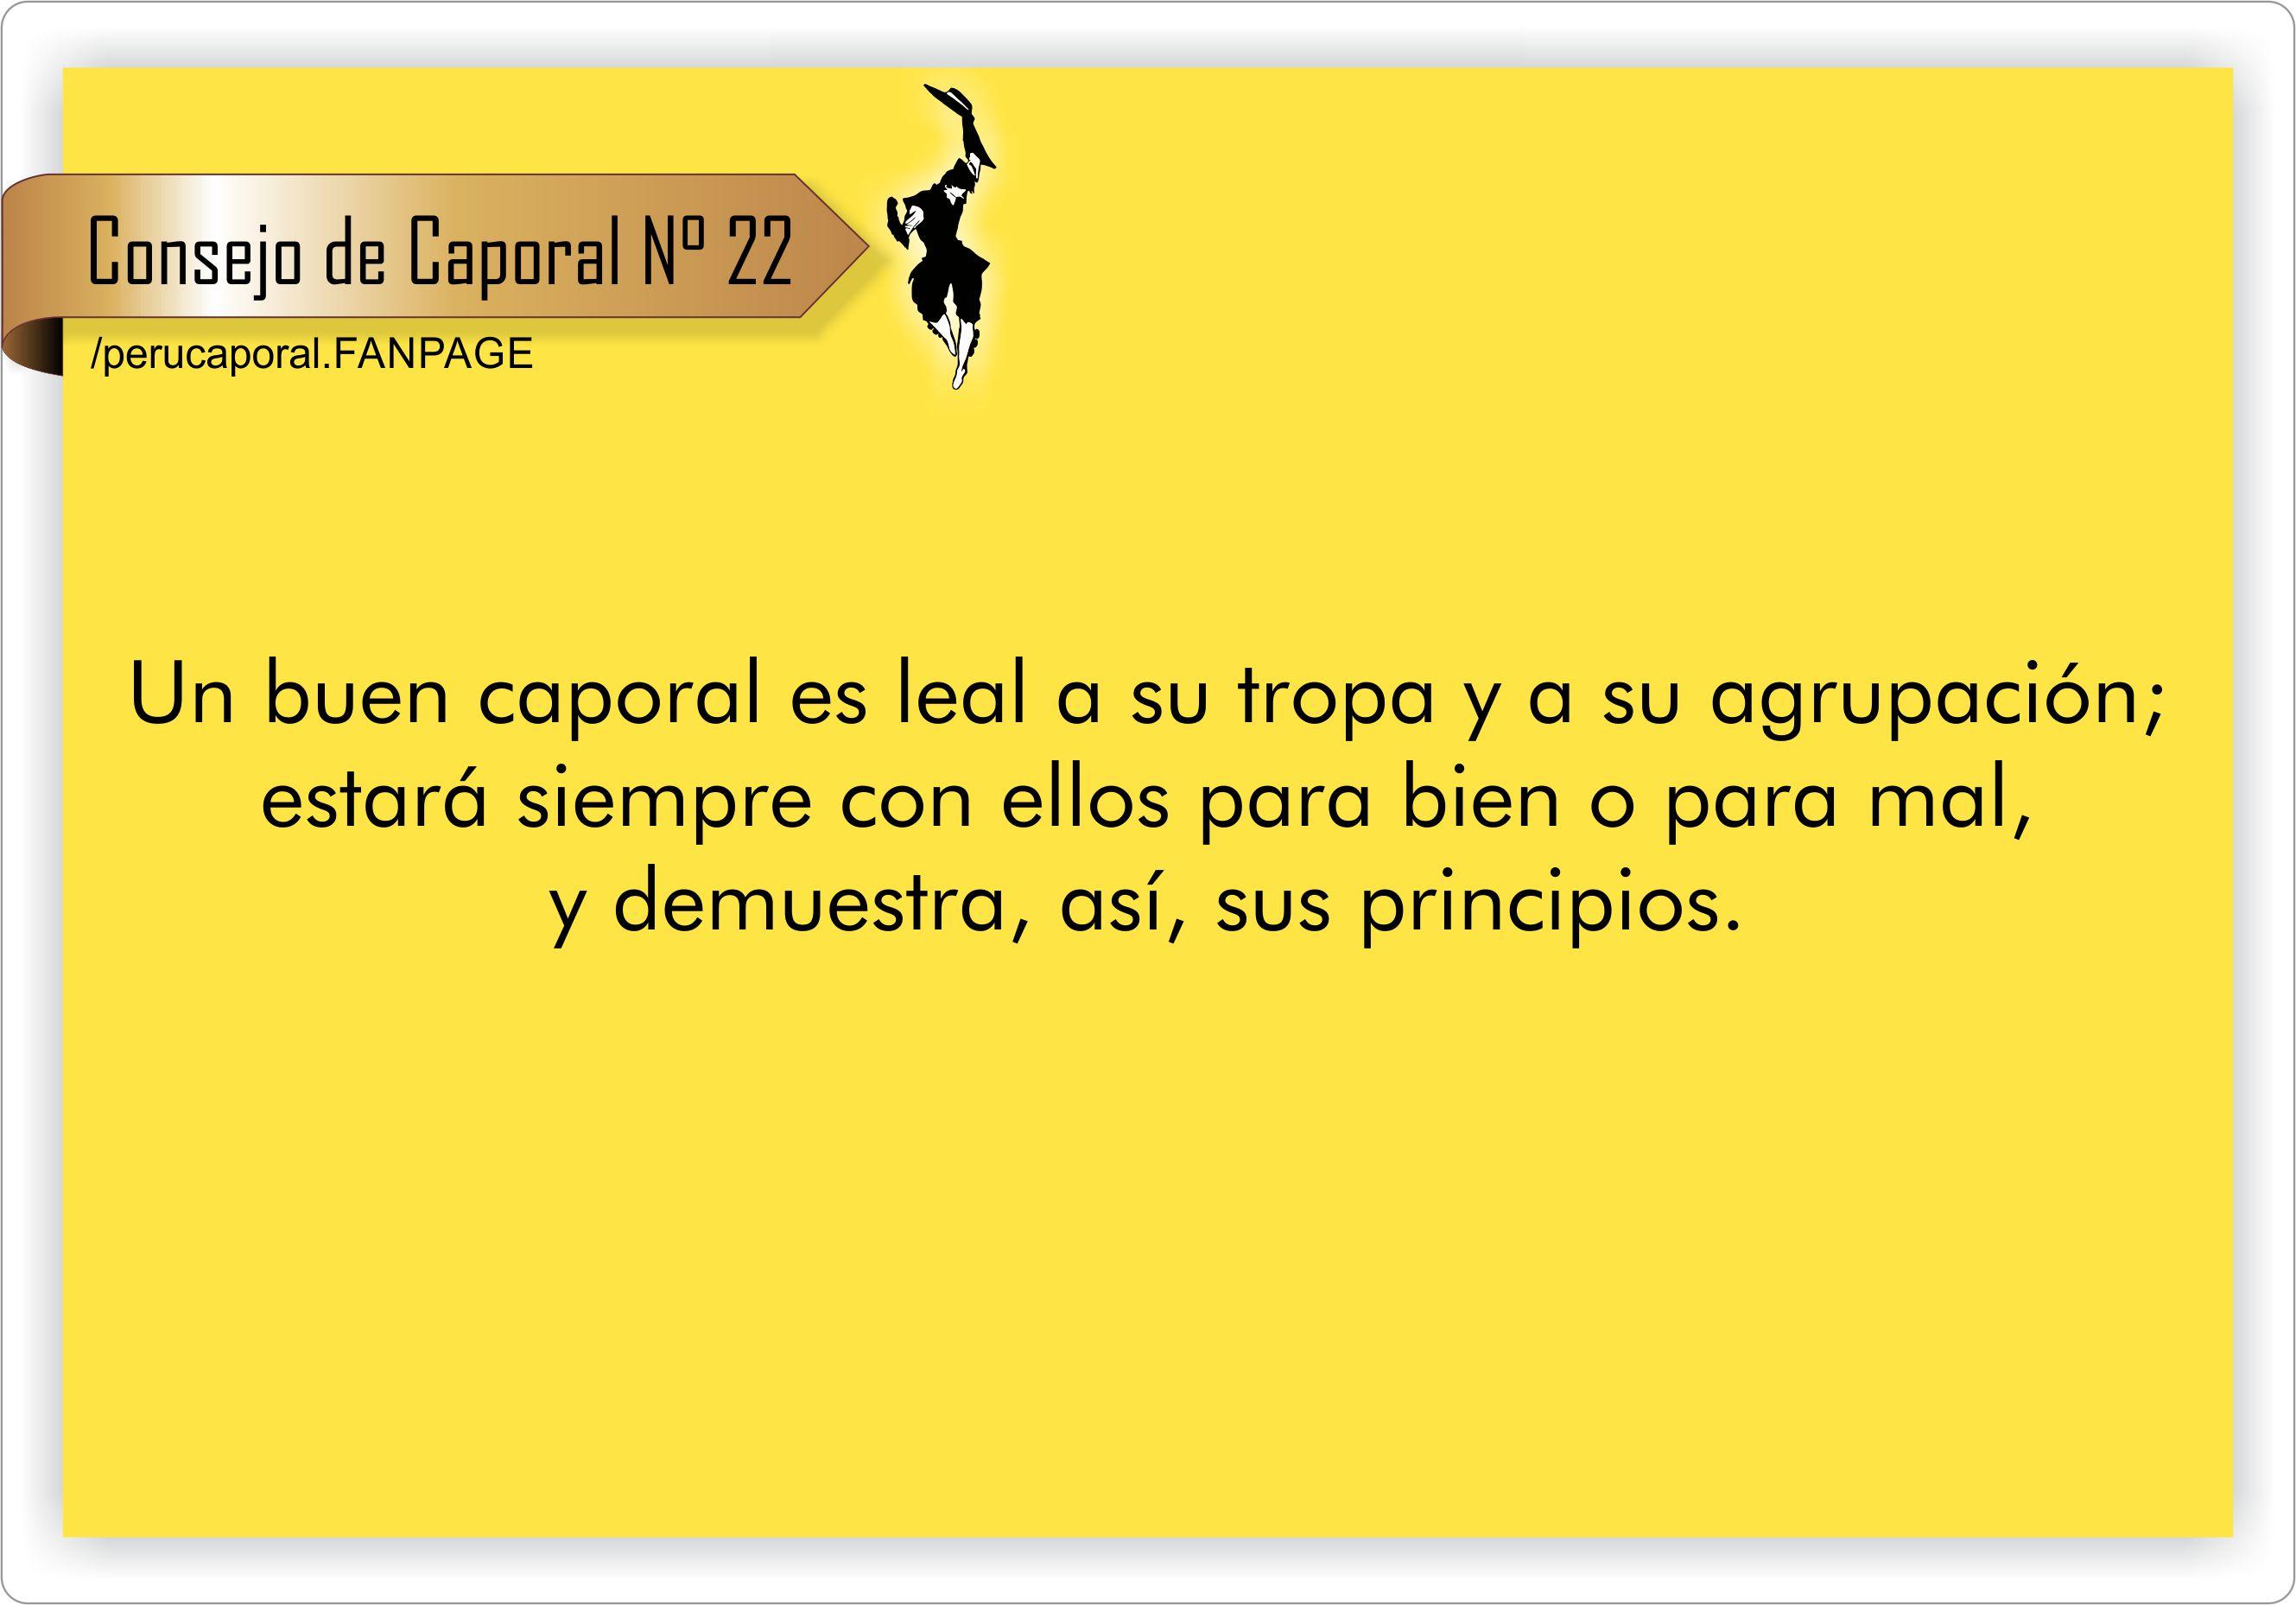 Un buen caporal está forjado sobre virtudes y valores que son la base fundamental de su actuar y no debe claudicar ante ellos jamás. Honor, caporales, honor.